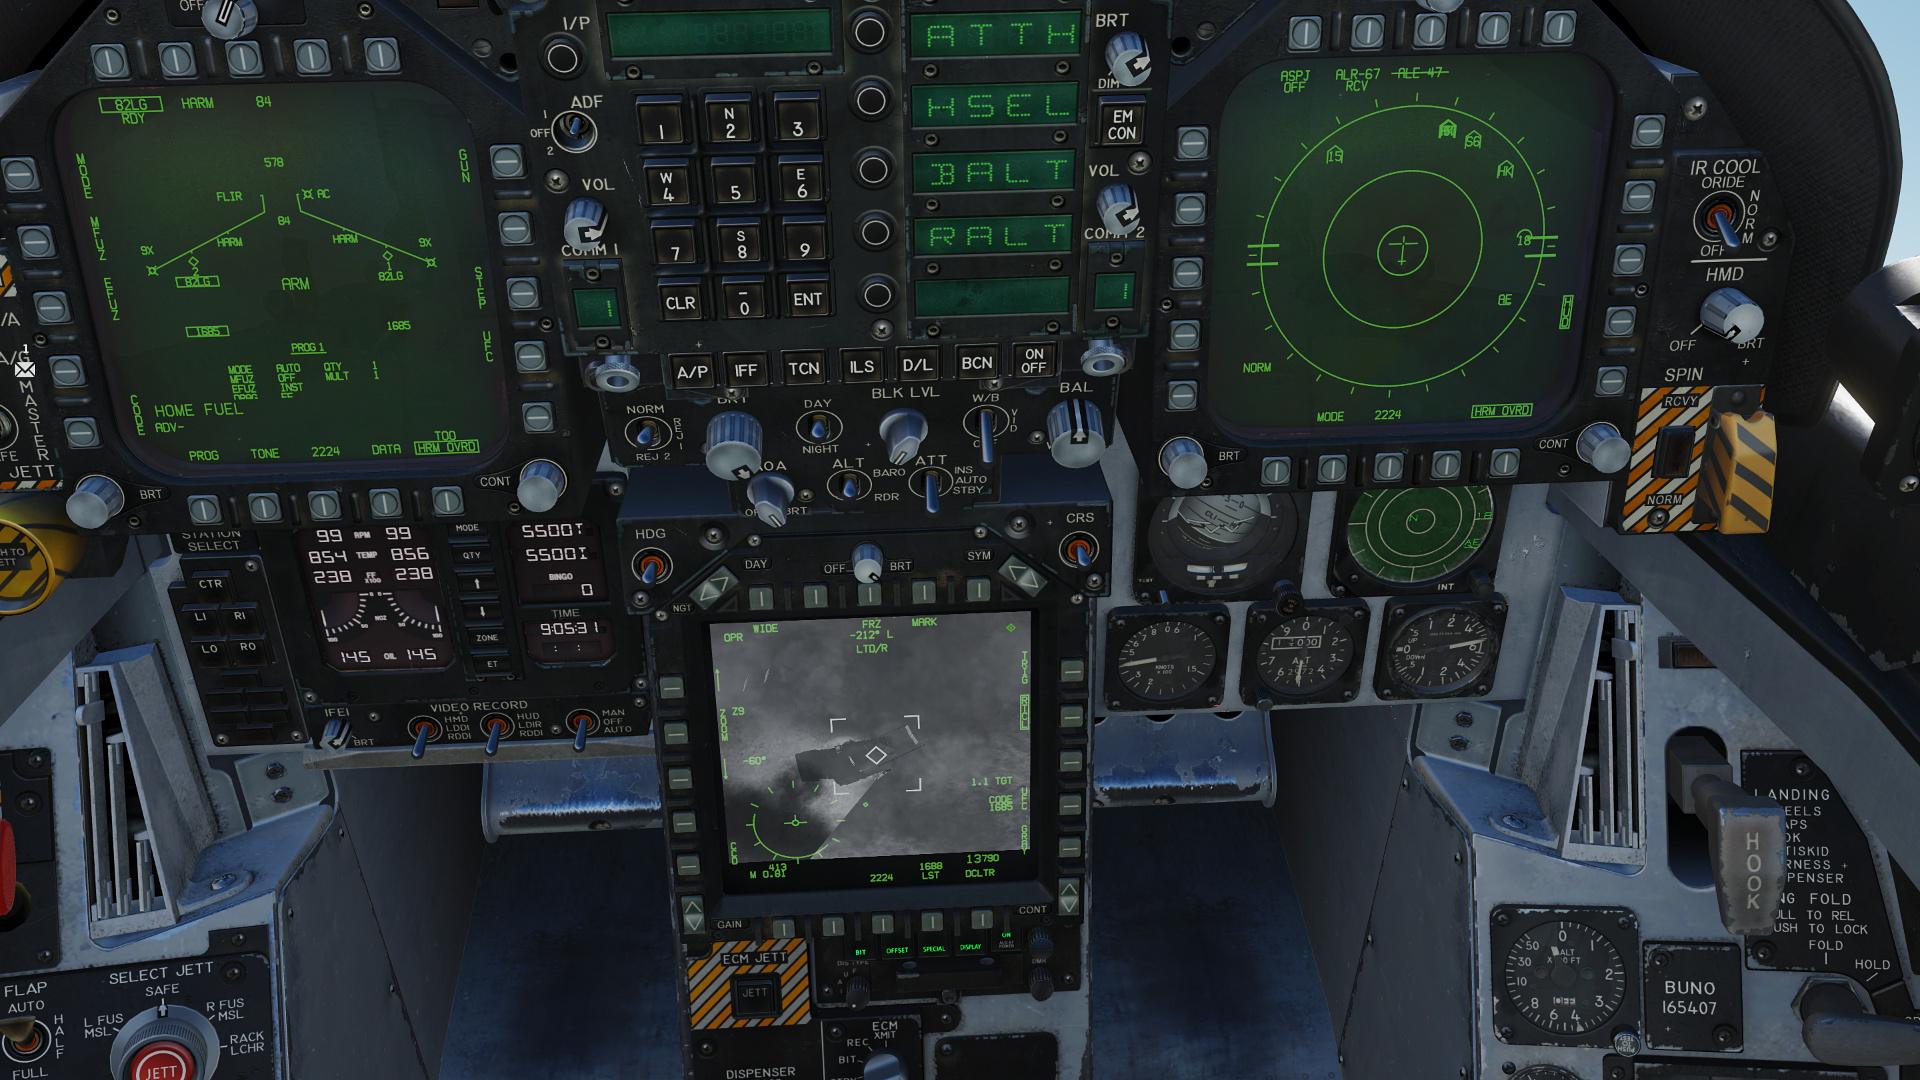 screen_200630_221059.n1k3w.jpg